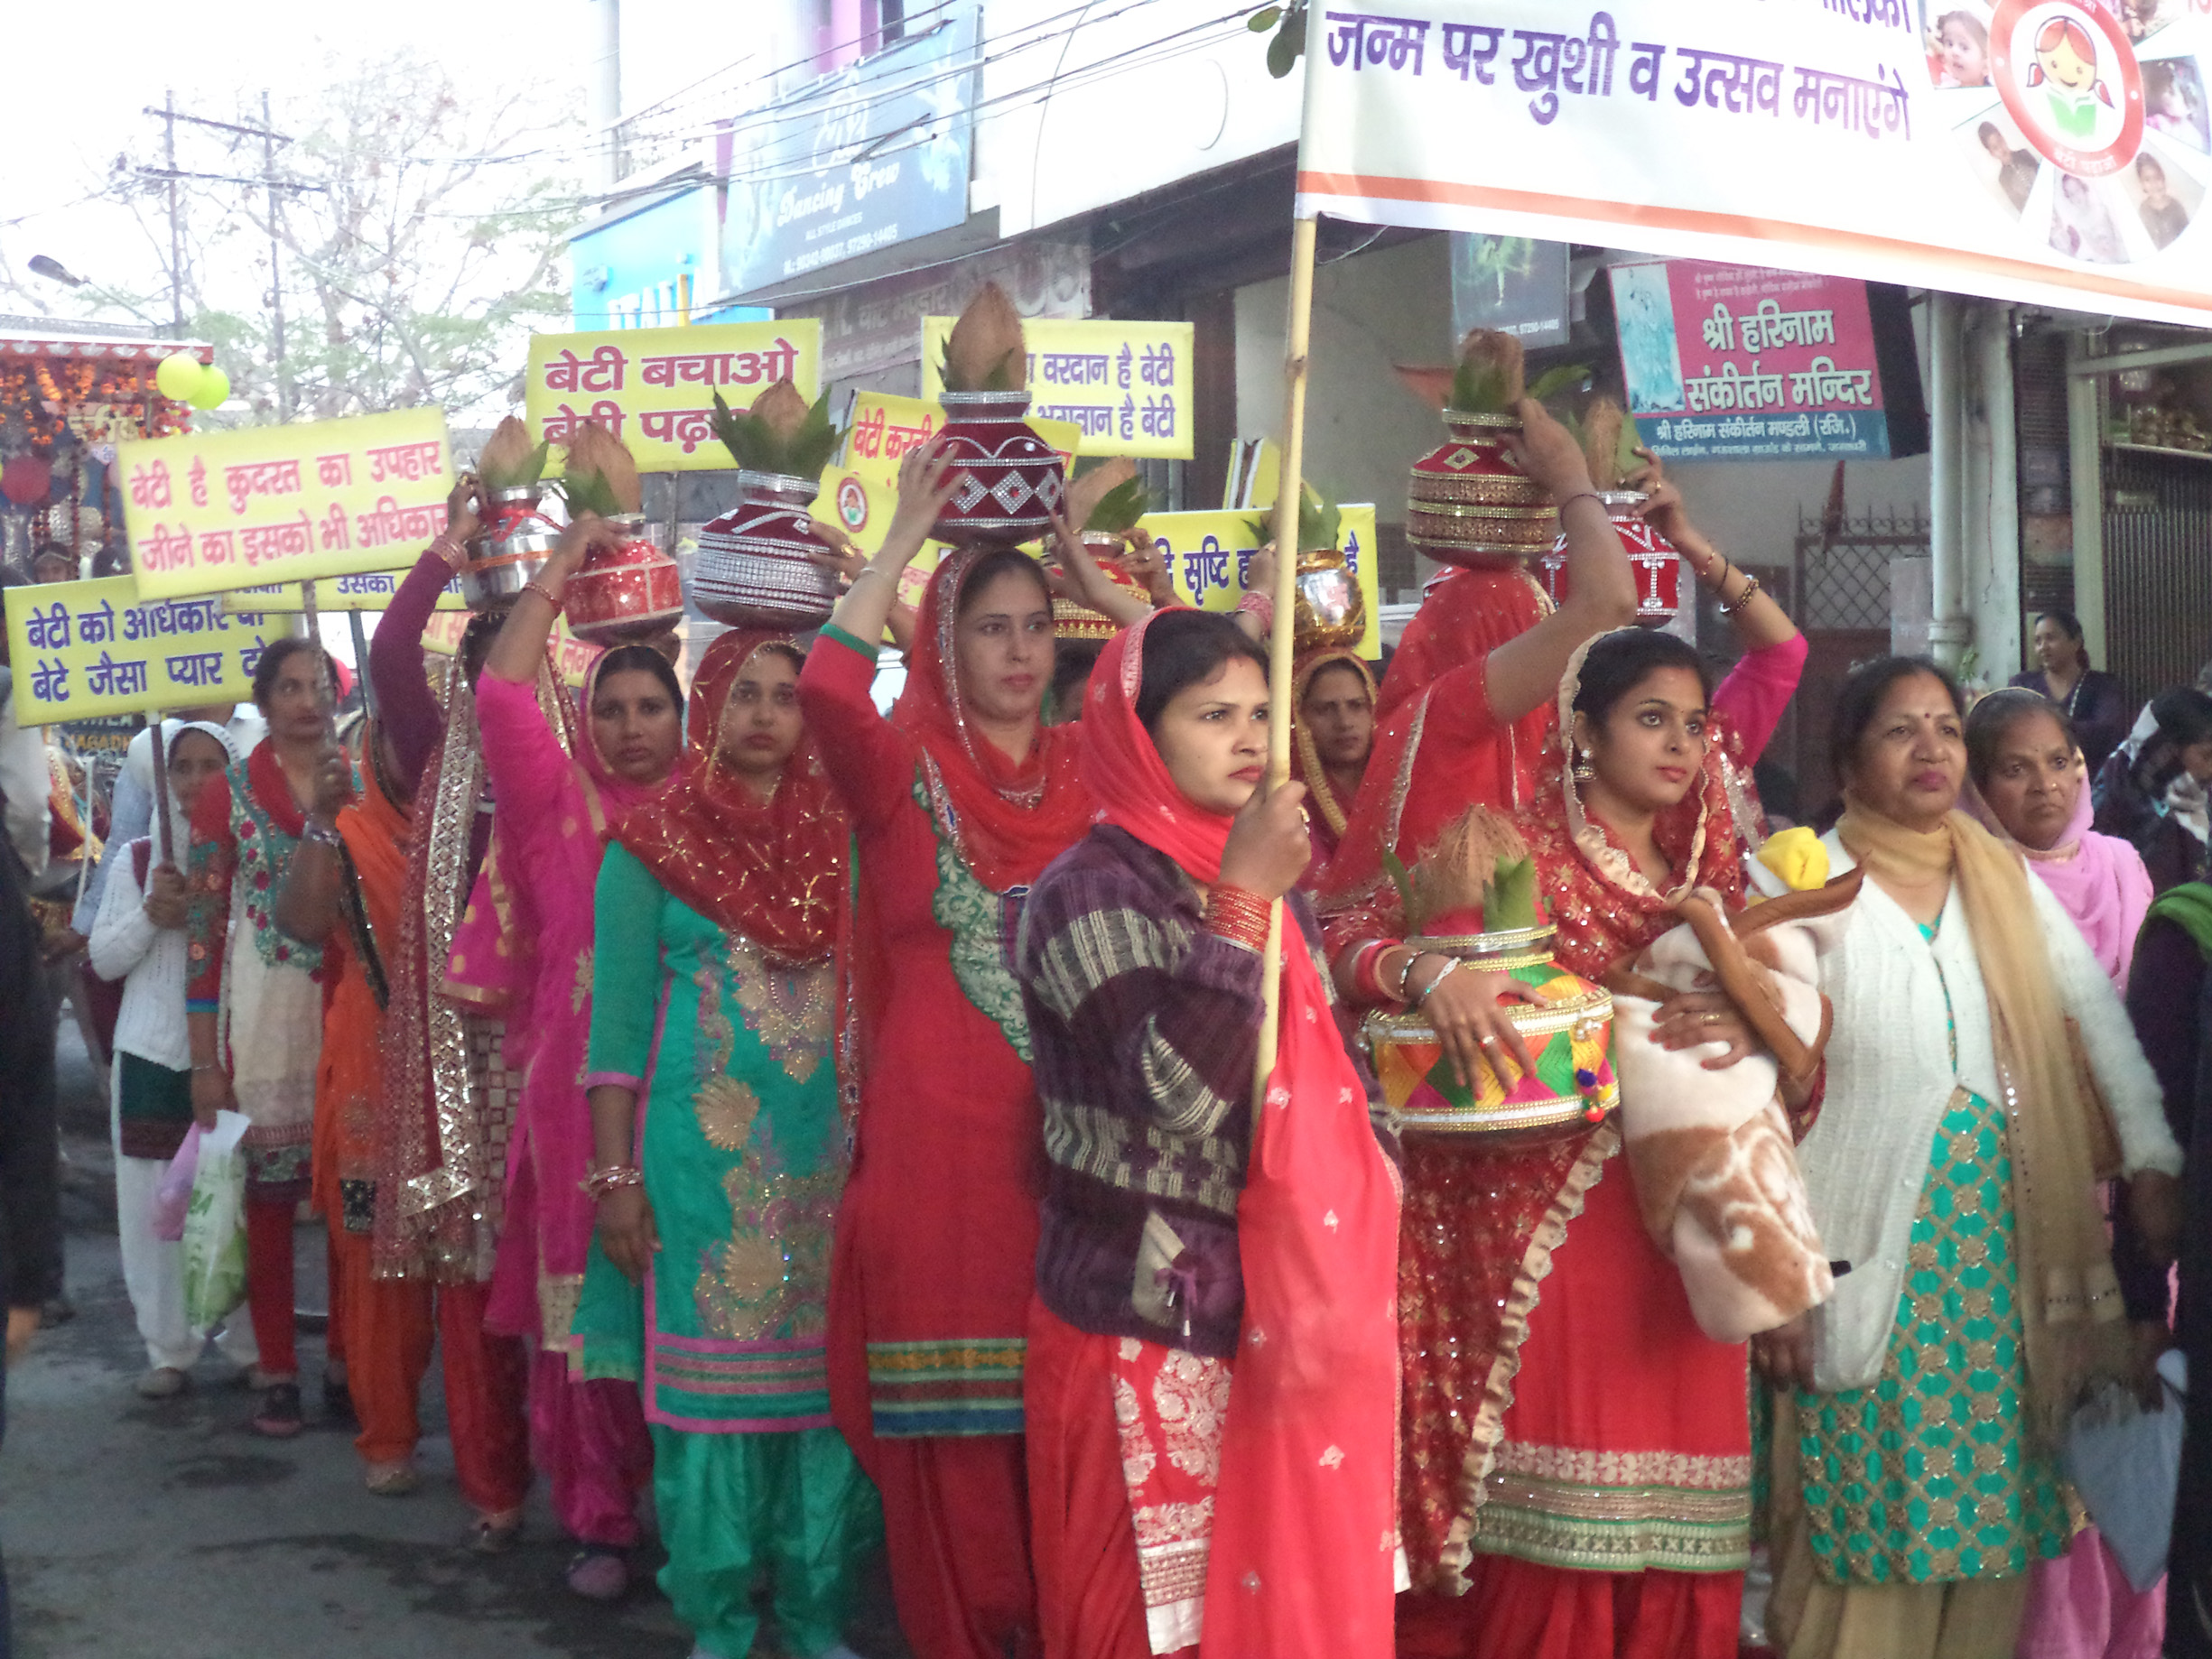 यमुनानगर में गीता महोत्सव का तीसरा दिन, शोभा यात्रा निकाली गई